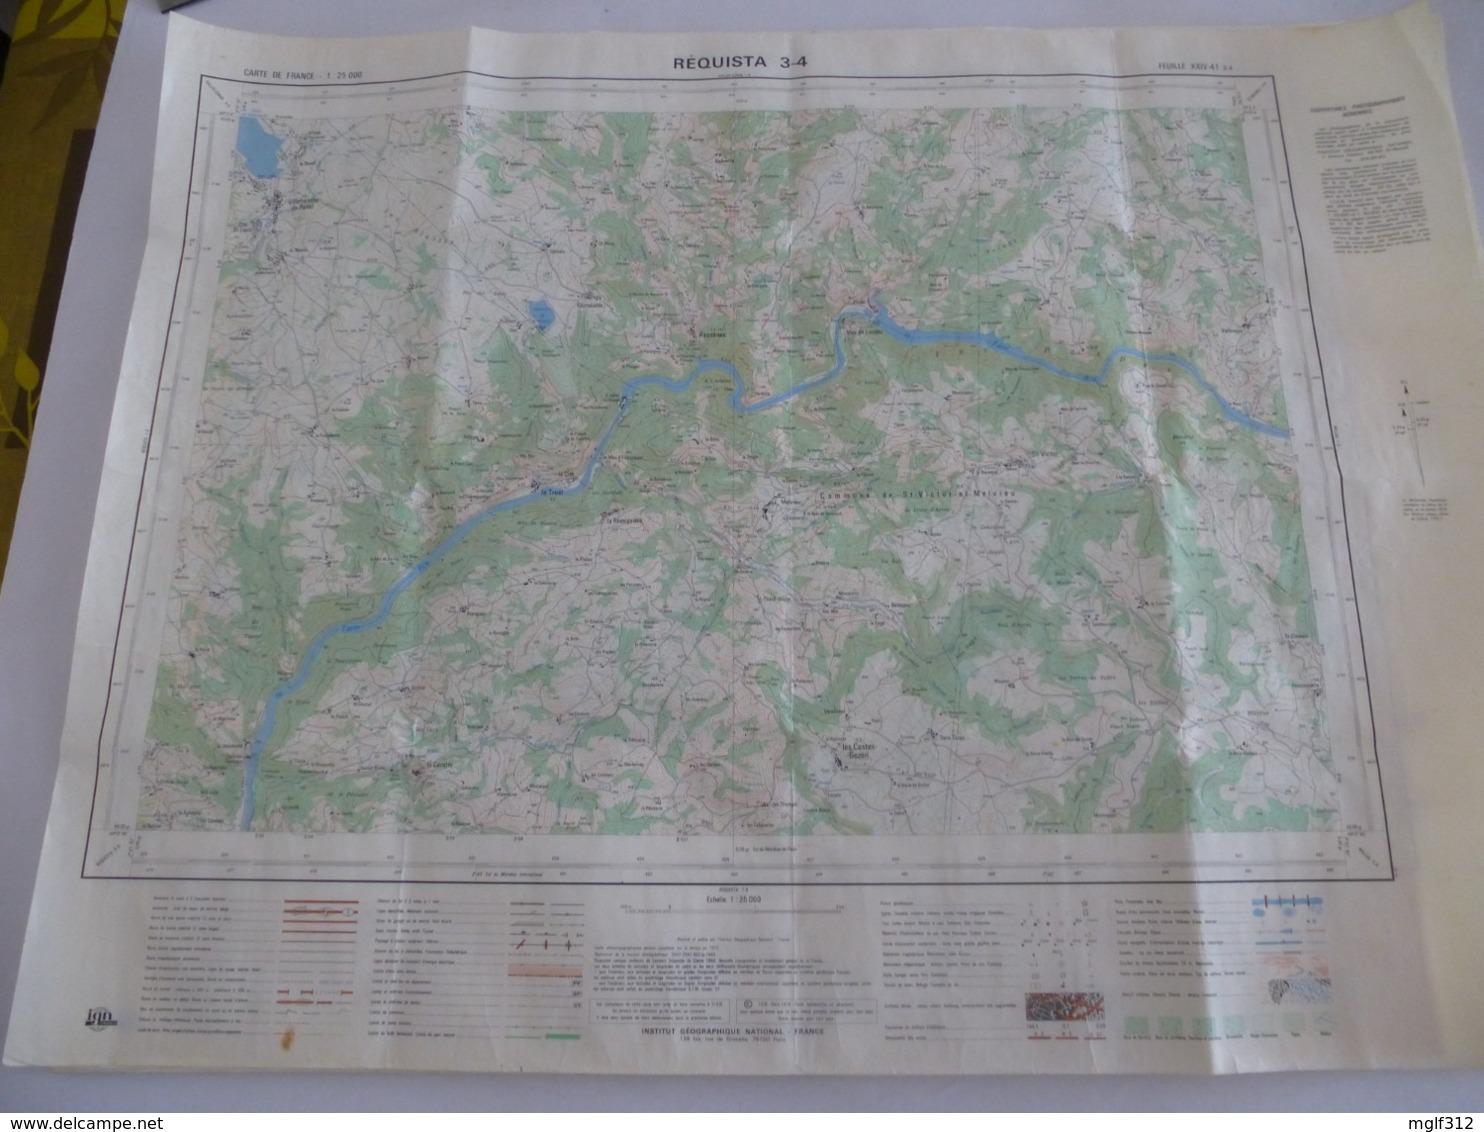 REQUISTA (12) LOT De 2 CARTES  IGN Au 1/25000 - Feuille 3/4 Et 7/8- Détails Voir Les Scans - Topographical Maps